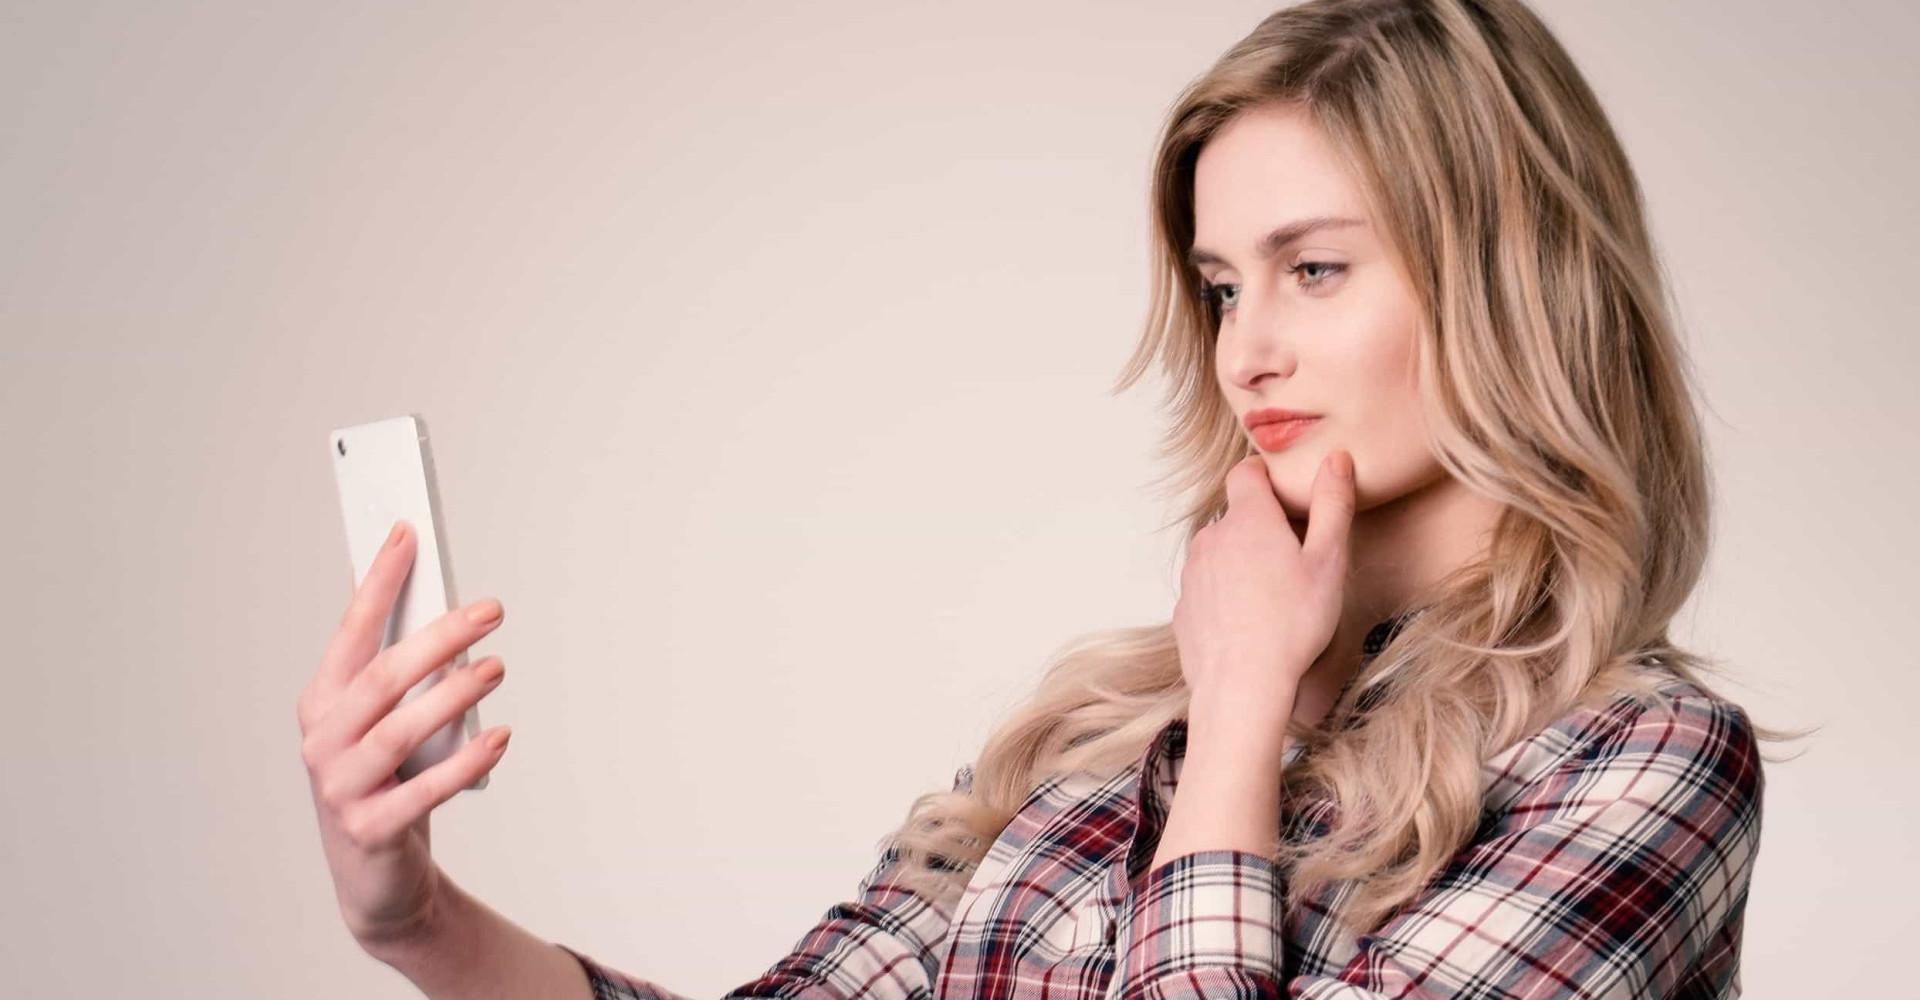 Vrouw verzamelt 'dick pics' op Tinder voor kunstwerk